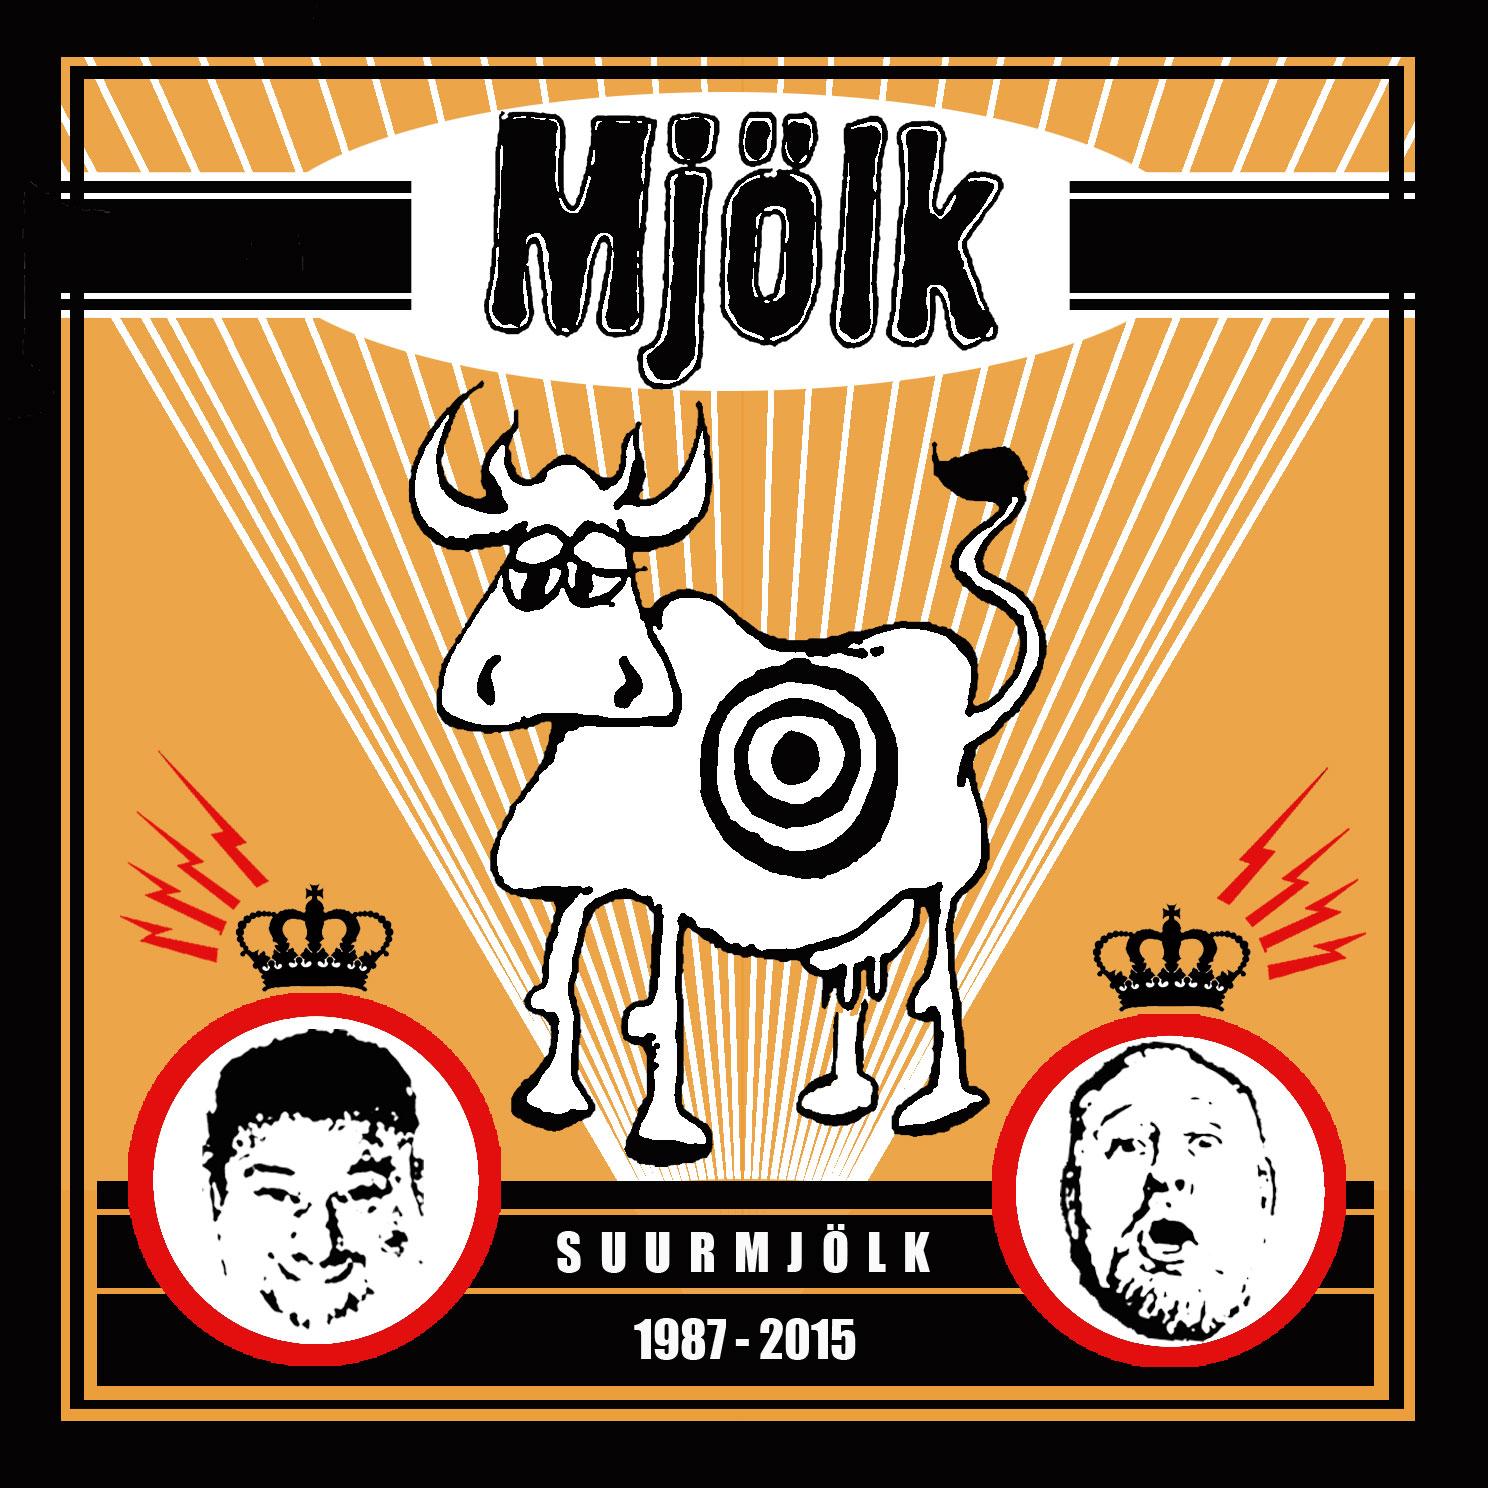 SuurMjölk